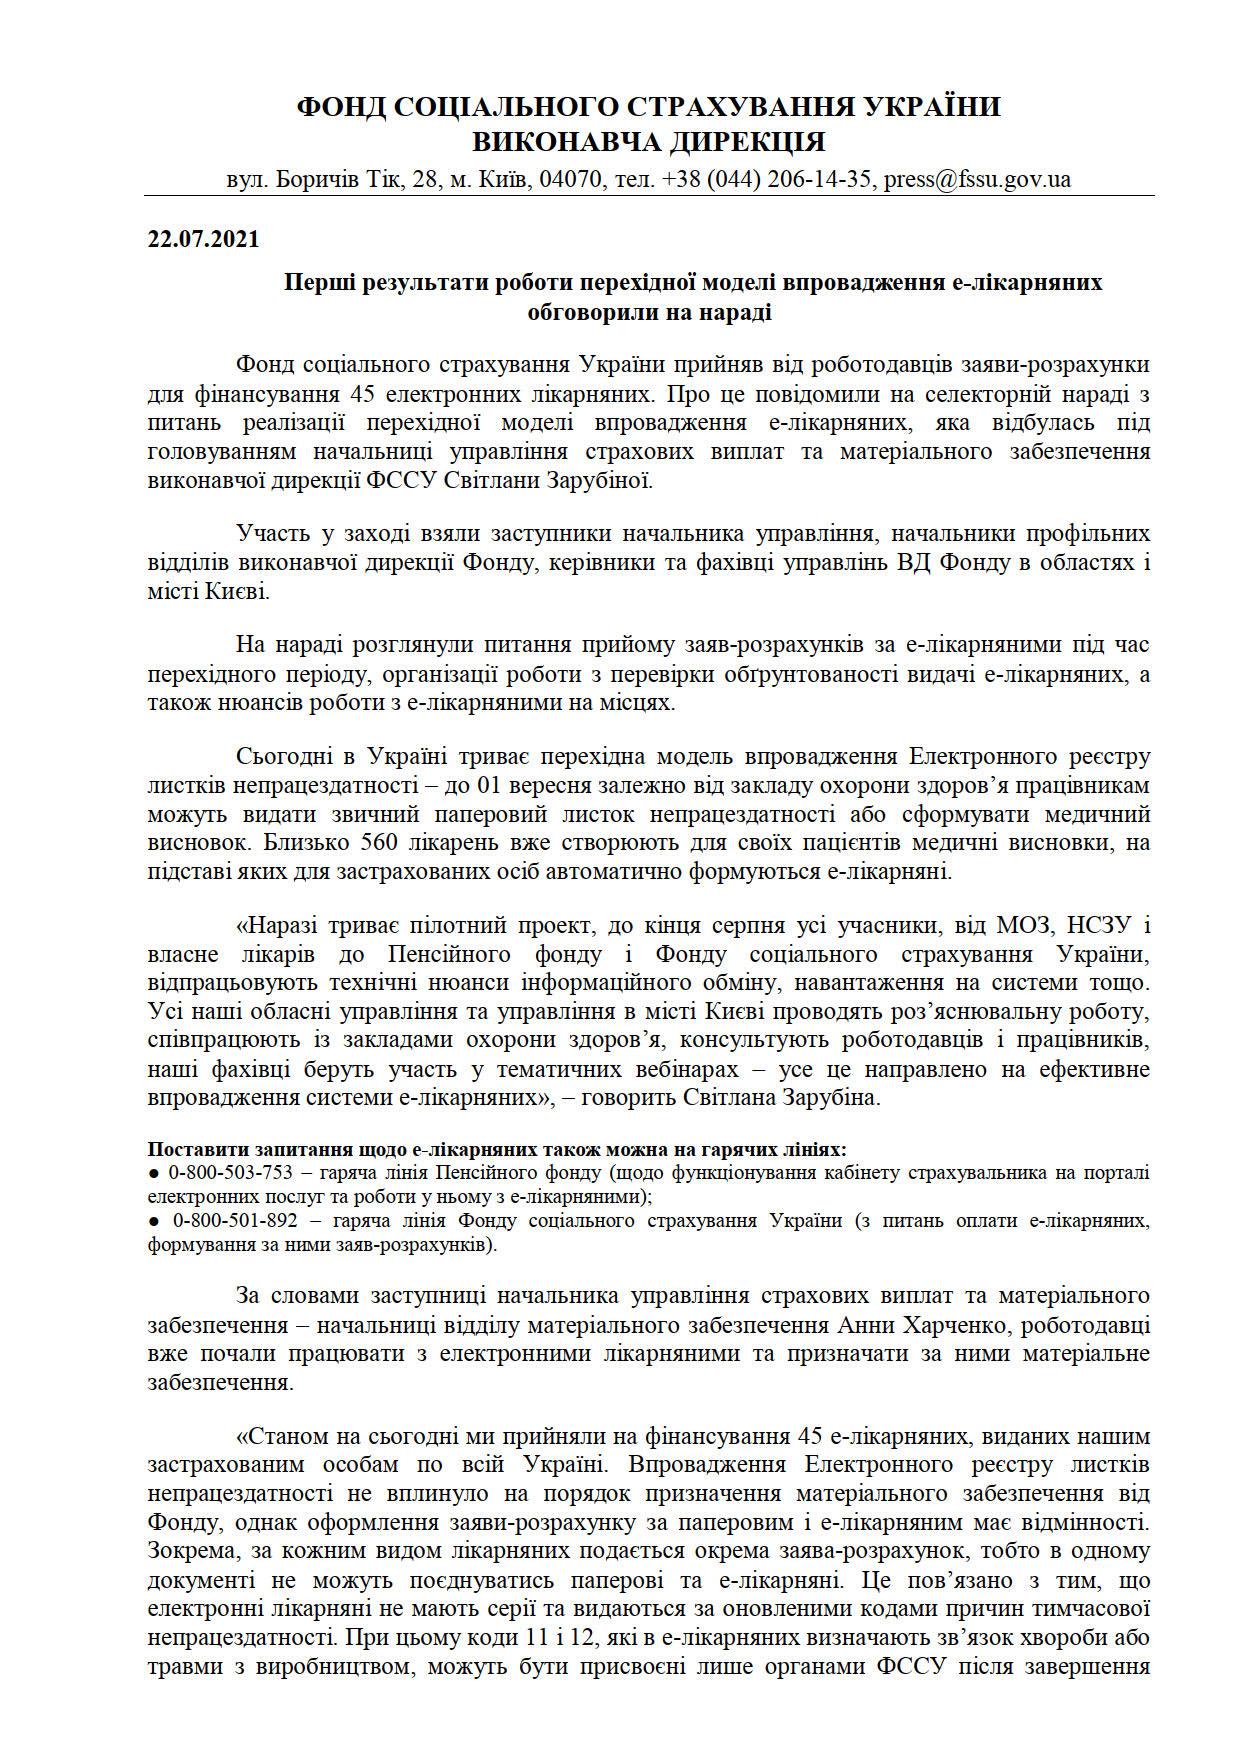 ФССУ_Селекторна нарада елікарняні-1_1